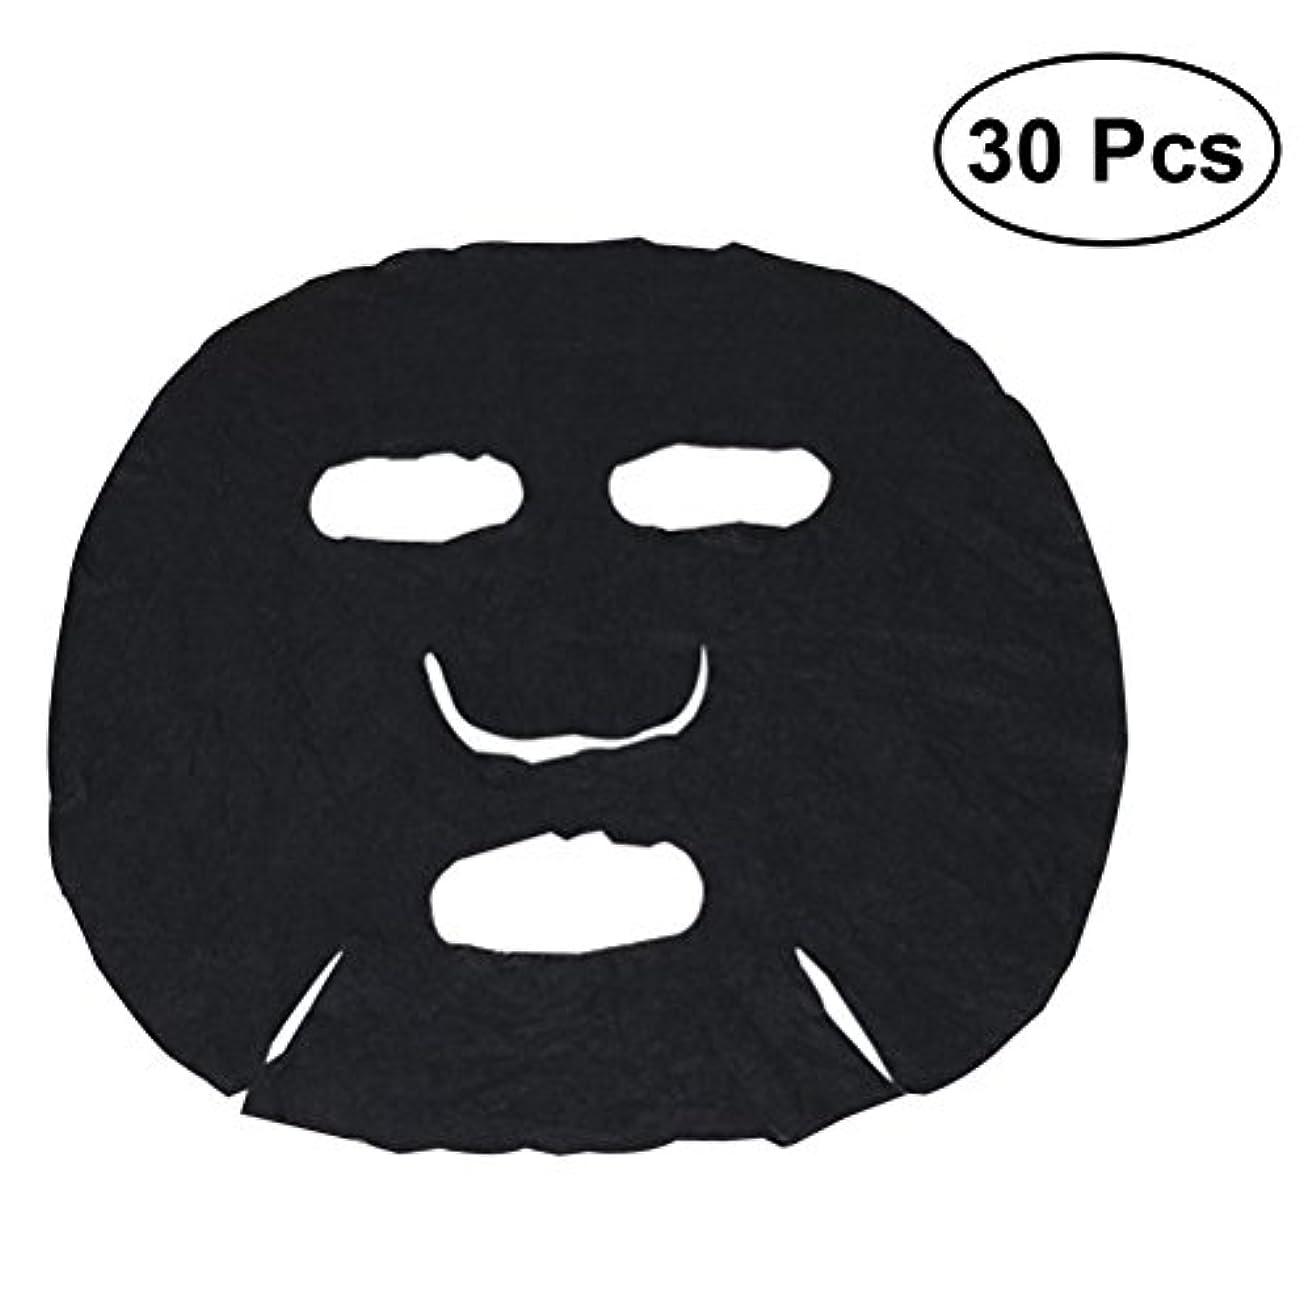 フラフープ冷ややかな秀でるFrcolor 圧縮マスク 圧縮フェイスパック 竹炭 圧縮マスクシート スキンケア DIY 30枚入り 携帯便利 使い捨て